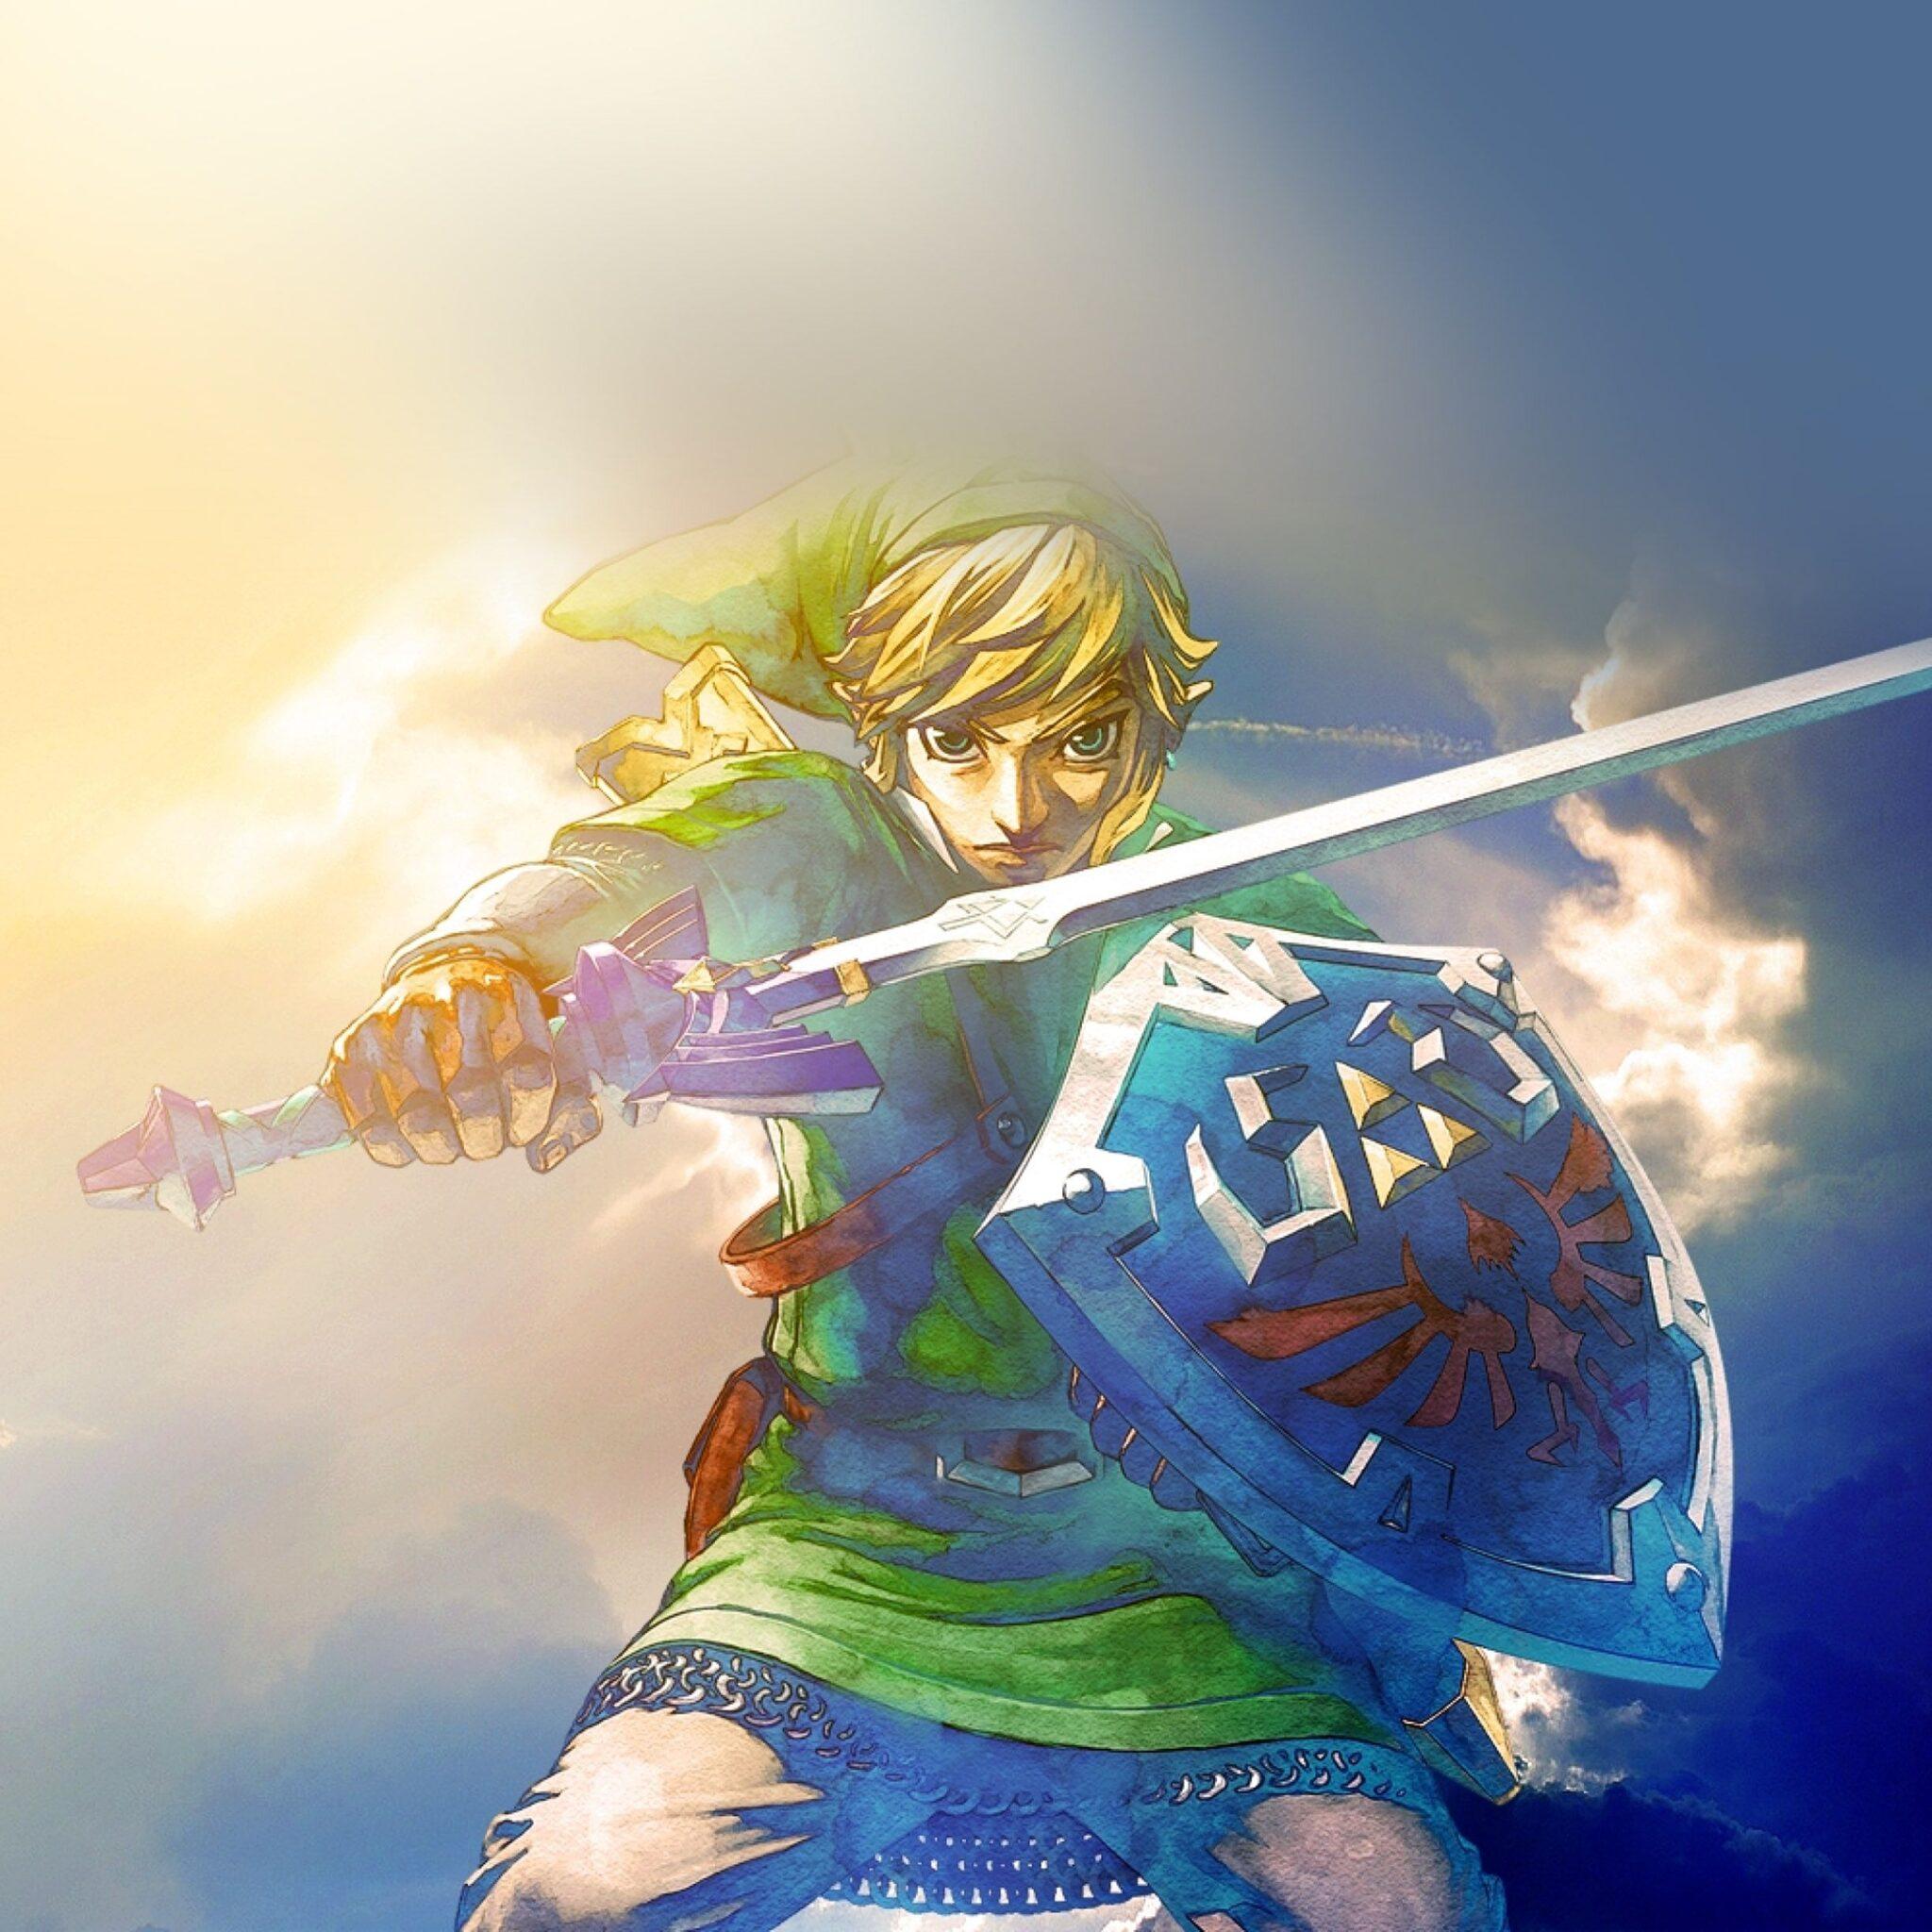 Legend Of Zelda Breath Of The Wild Wallpaper Hd Zelda Fond D 233 Cran Android